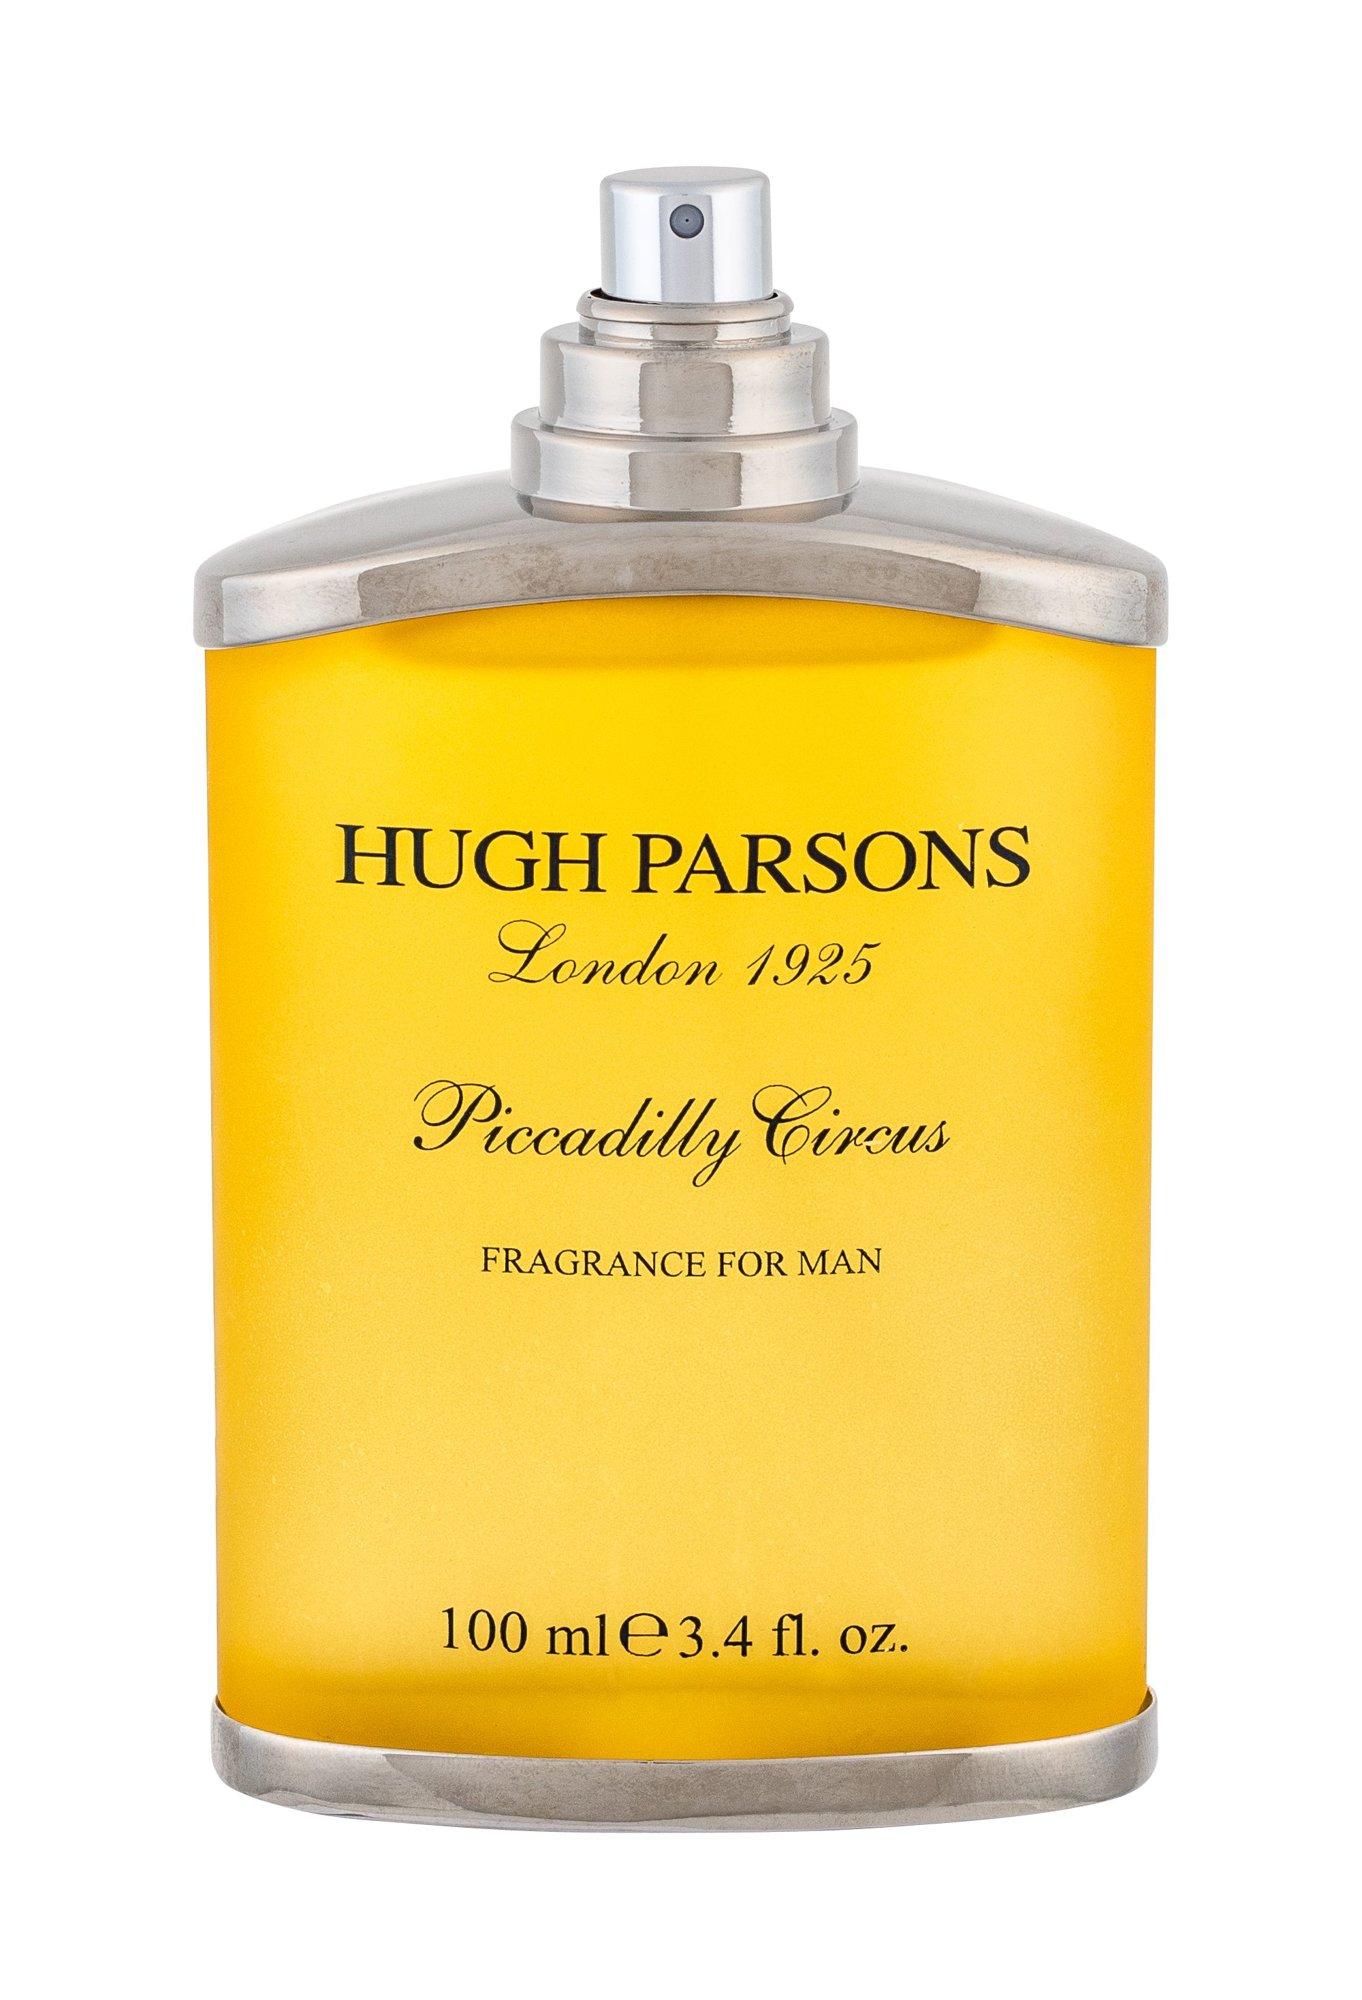 Hugh Parsons Piccadilly Circus Eau de Toilette 100ml